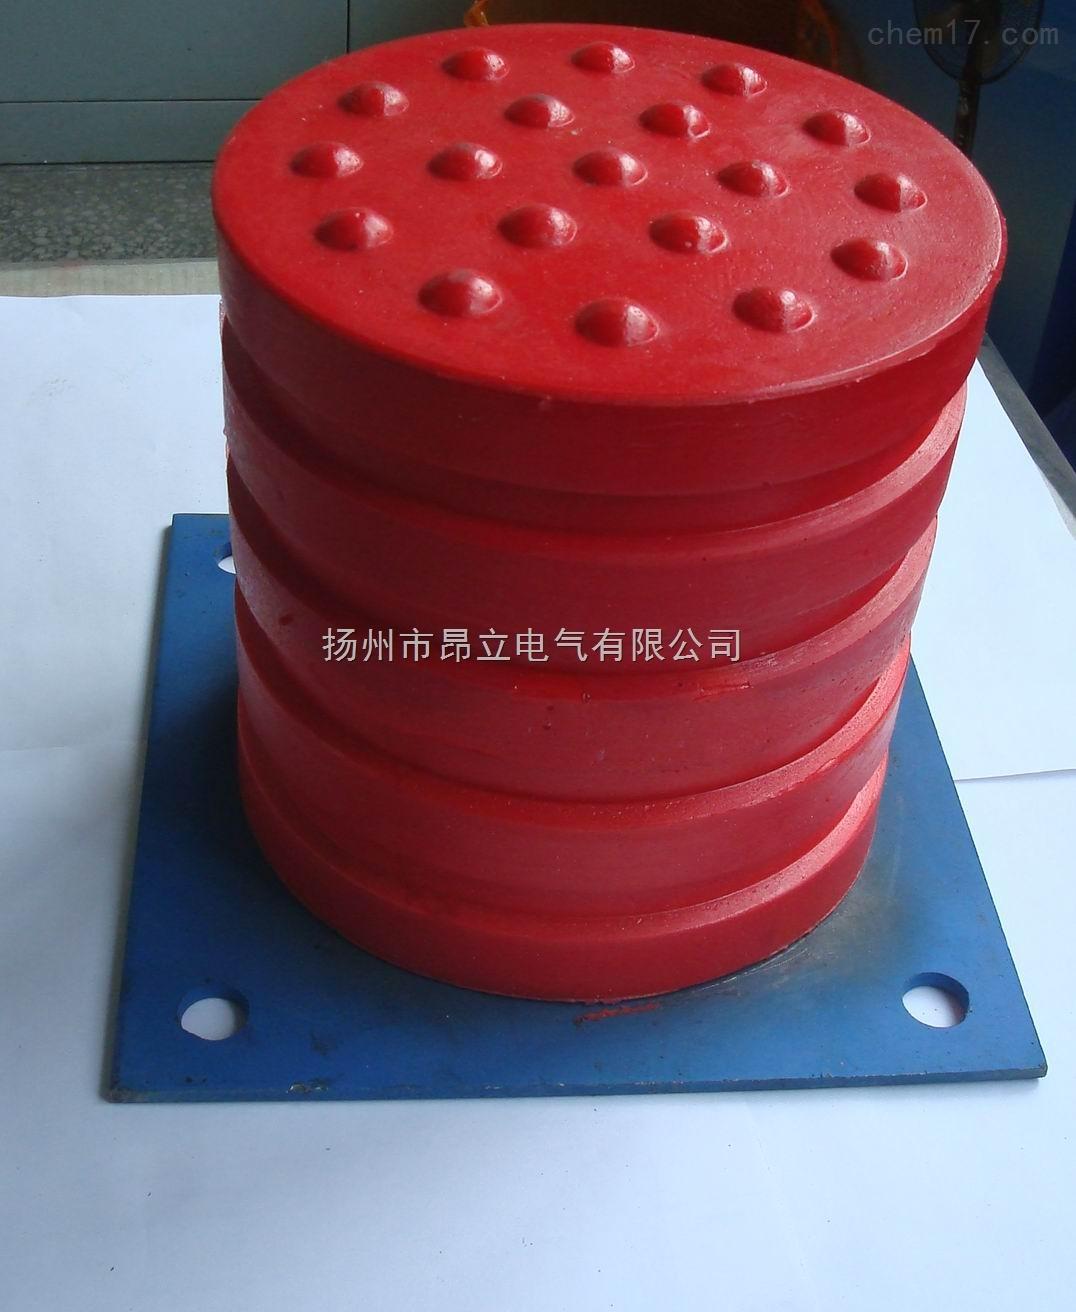 JHQ-C-9起重机橡胶防撞块 聚氨酯缓冲器